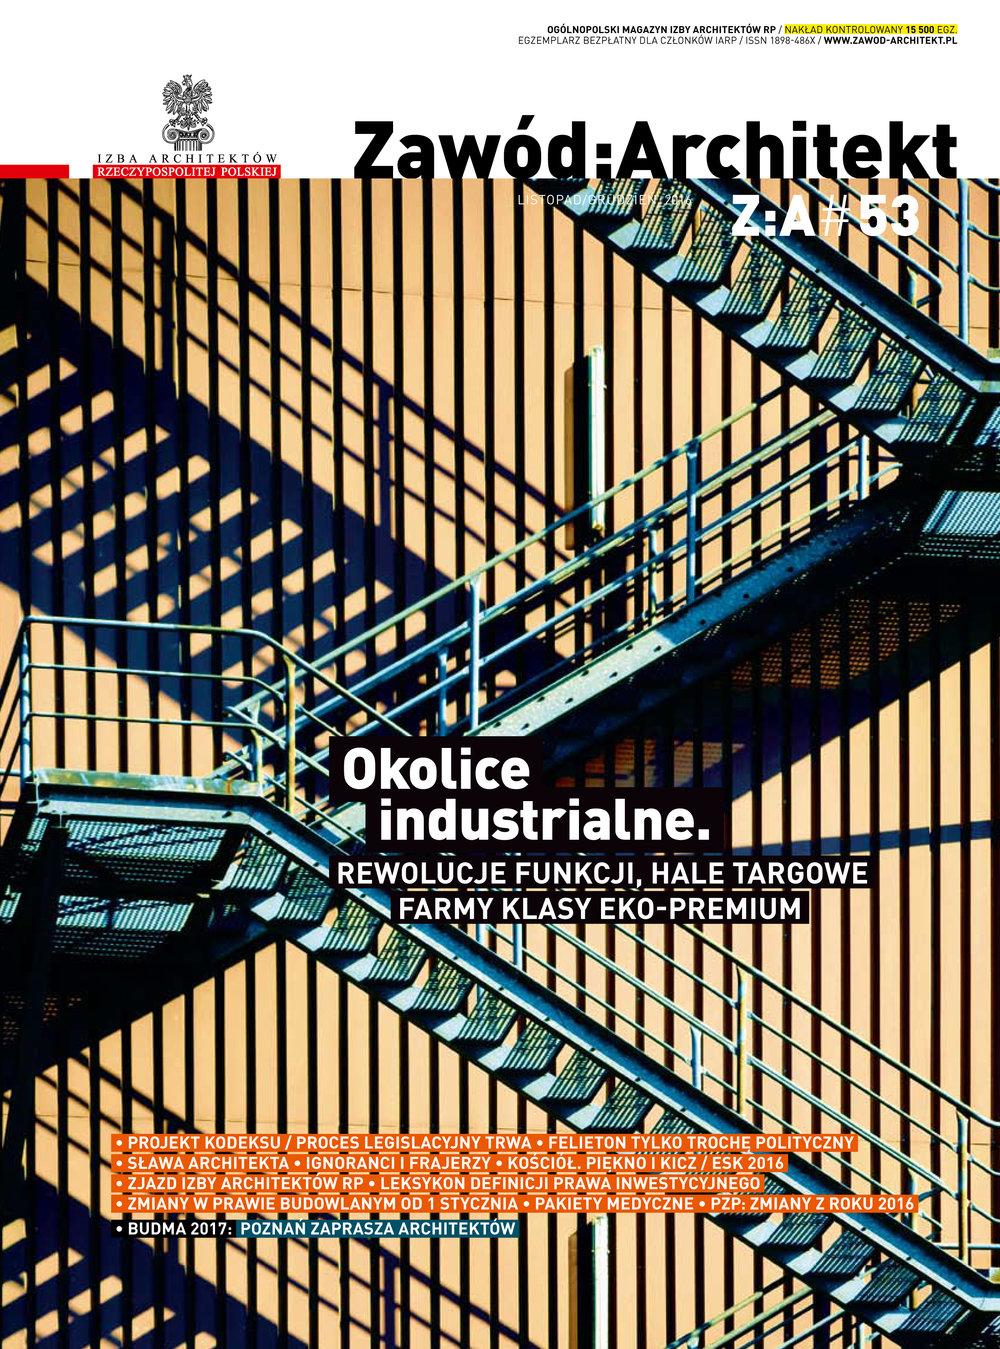 Zawod:Architekt Issue #53 2017